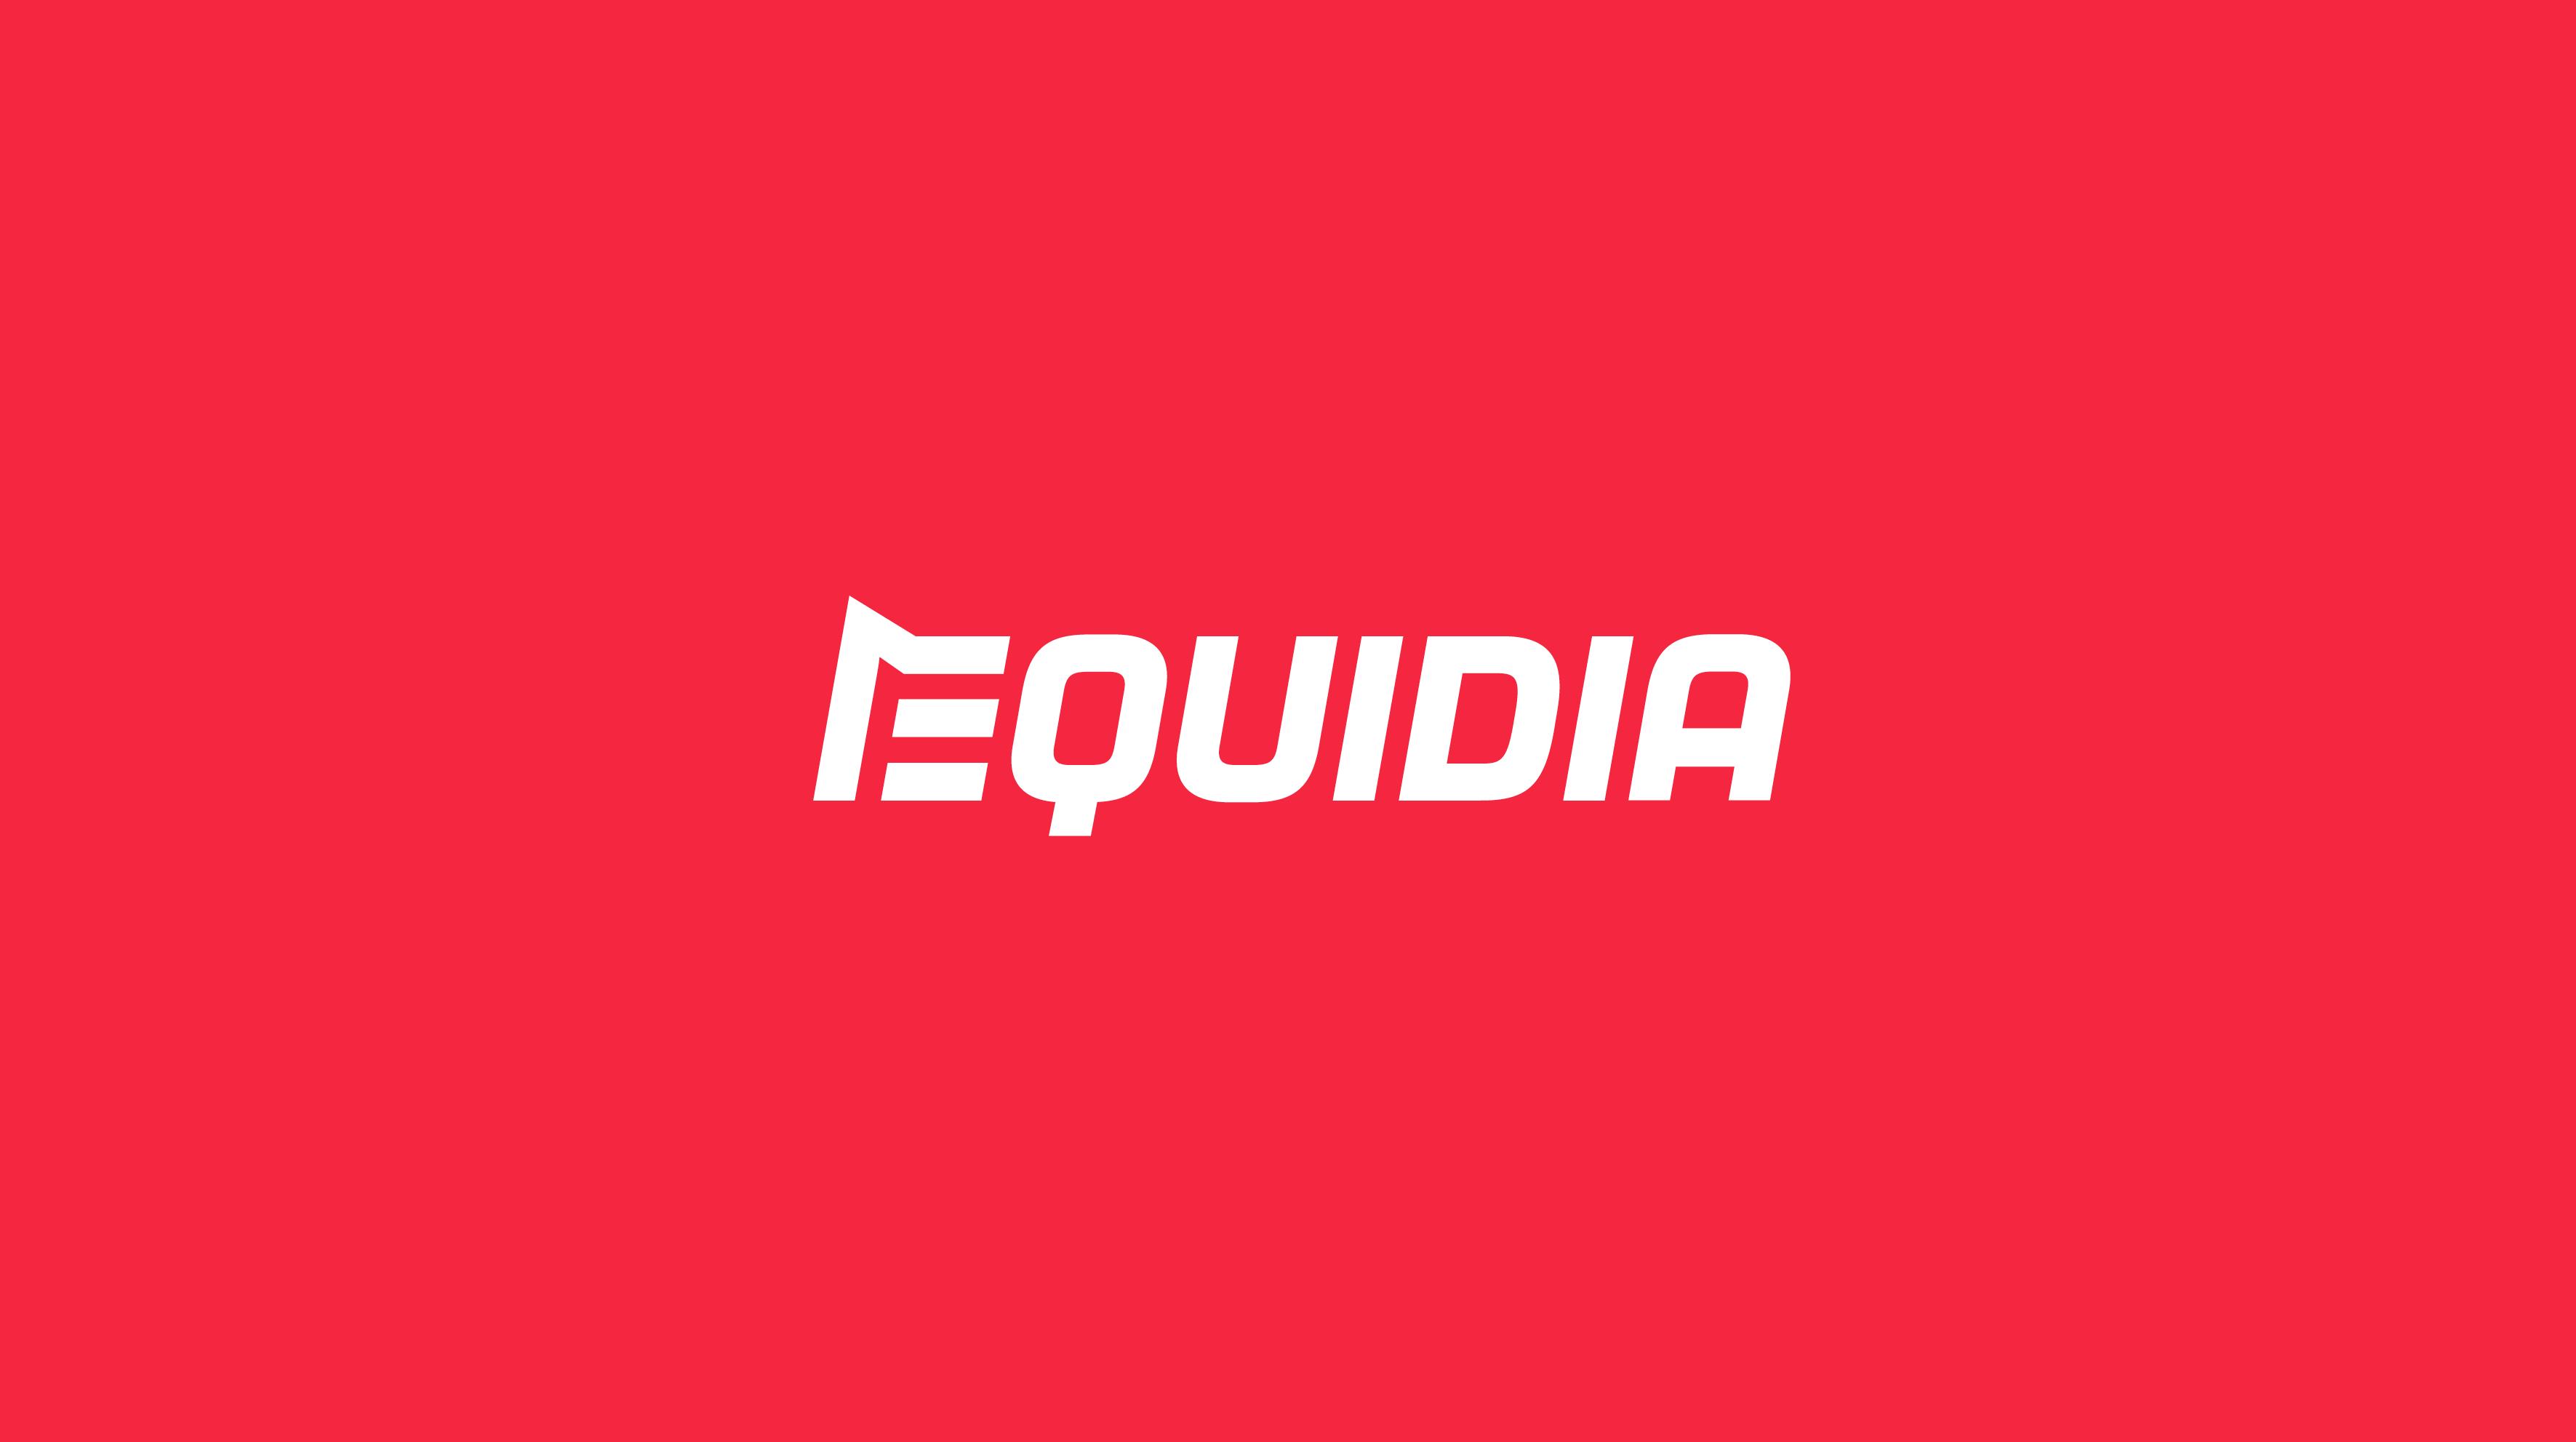 Profile Equidia Tv Tv Channels